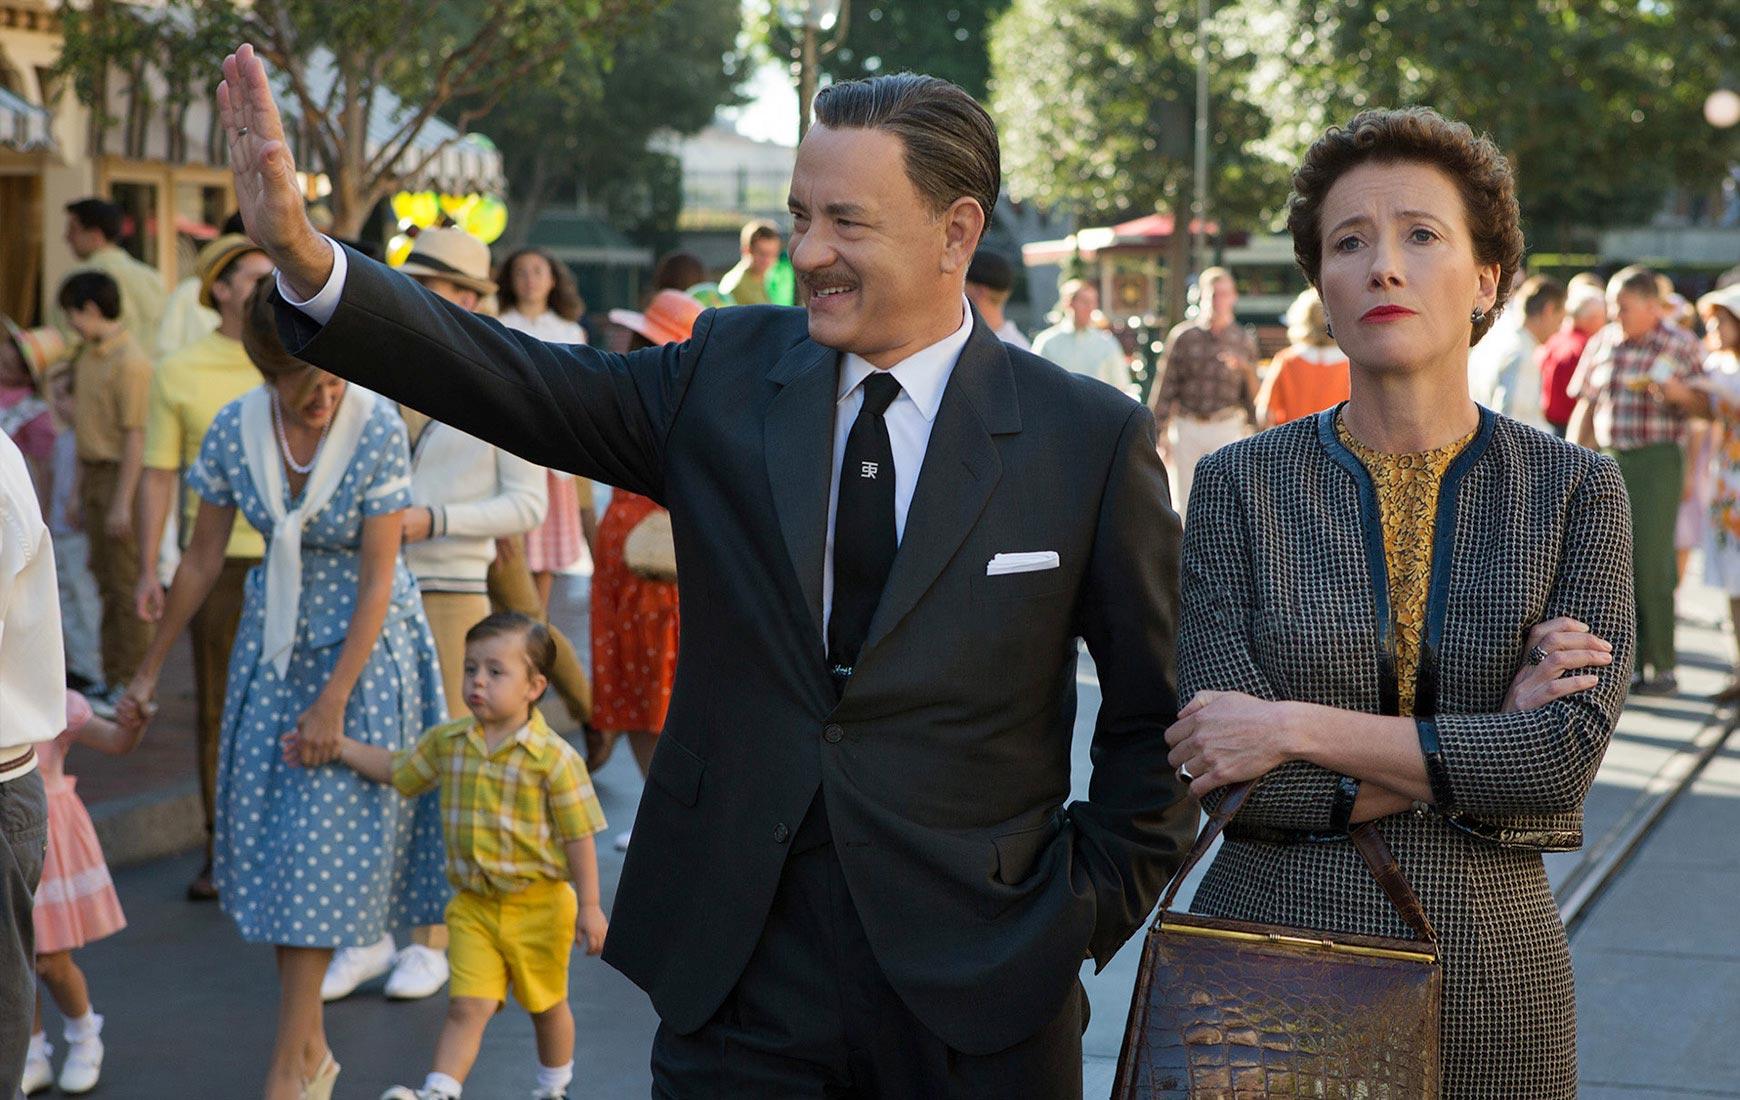 Tom Hanks as Walt Disney and Emma Thompson as P.L. Travers